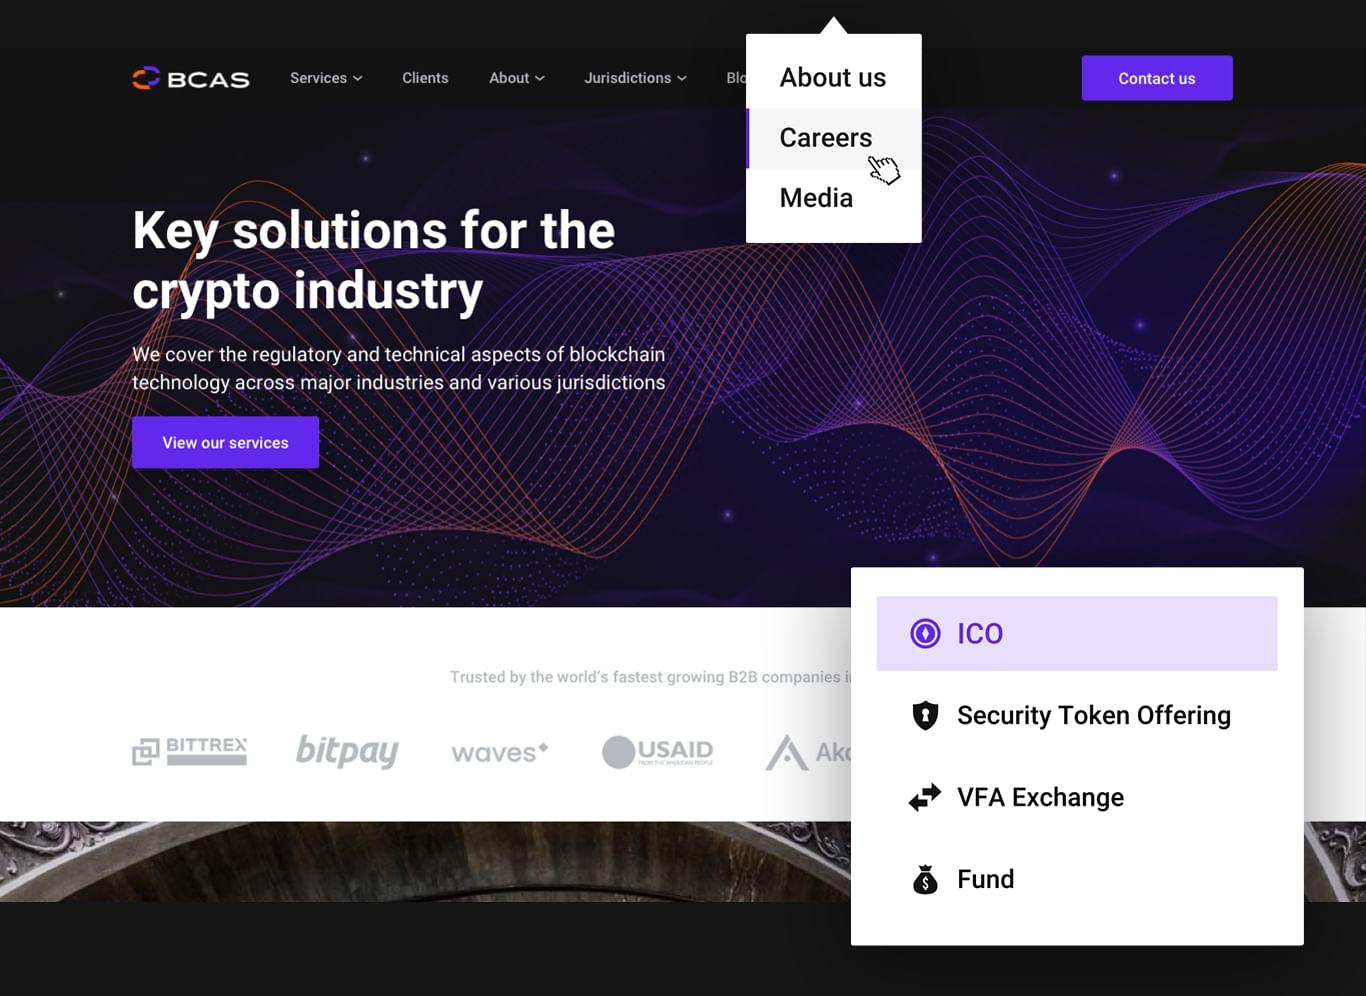 BCAS website design and functionalities